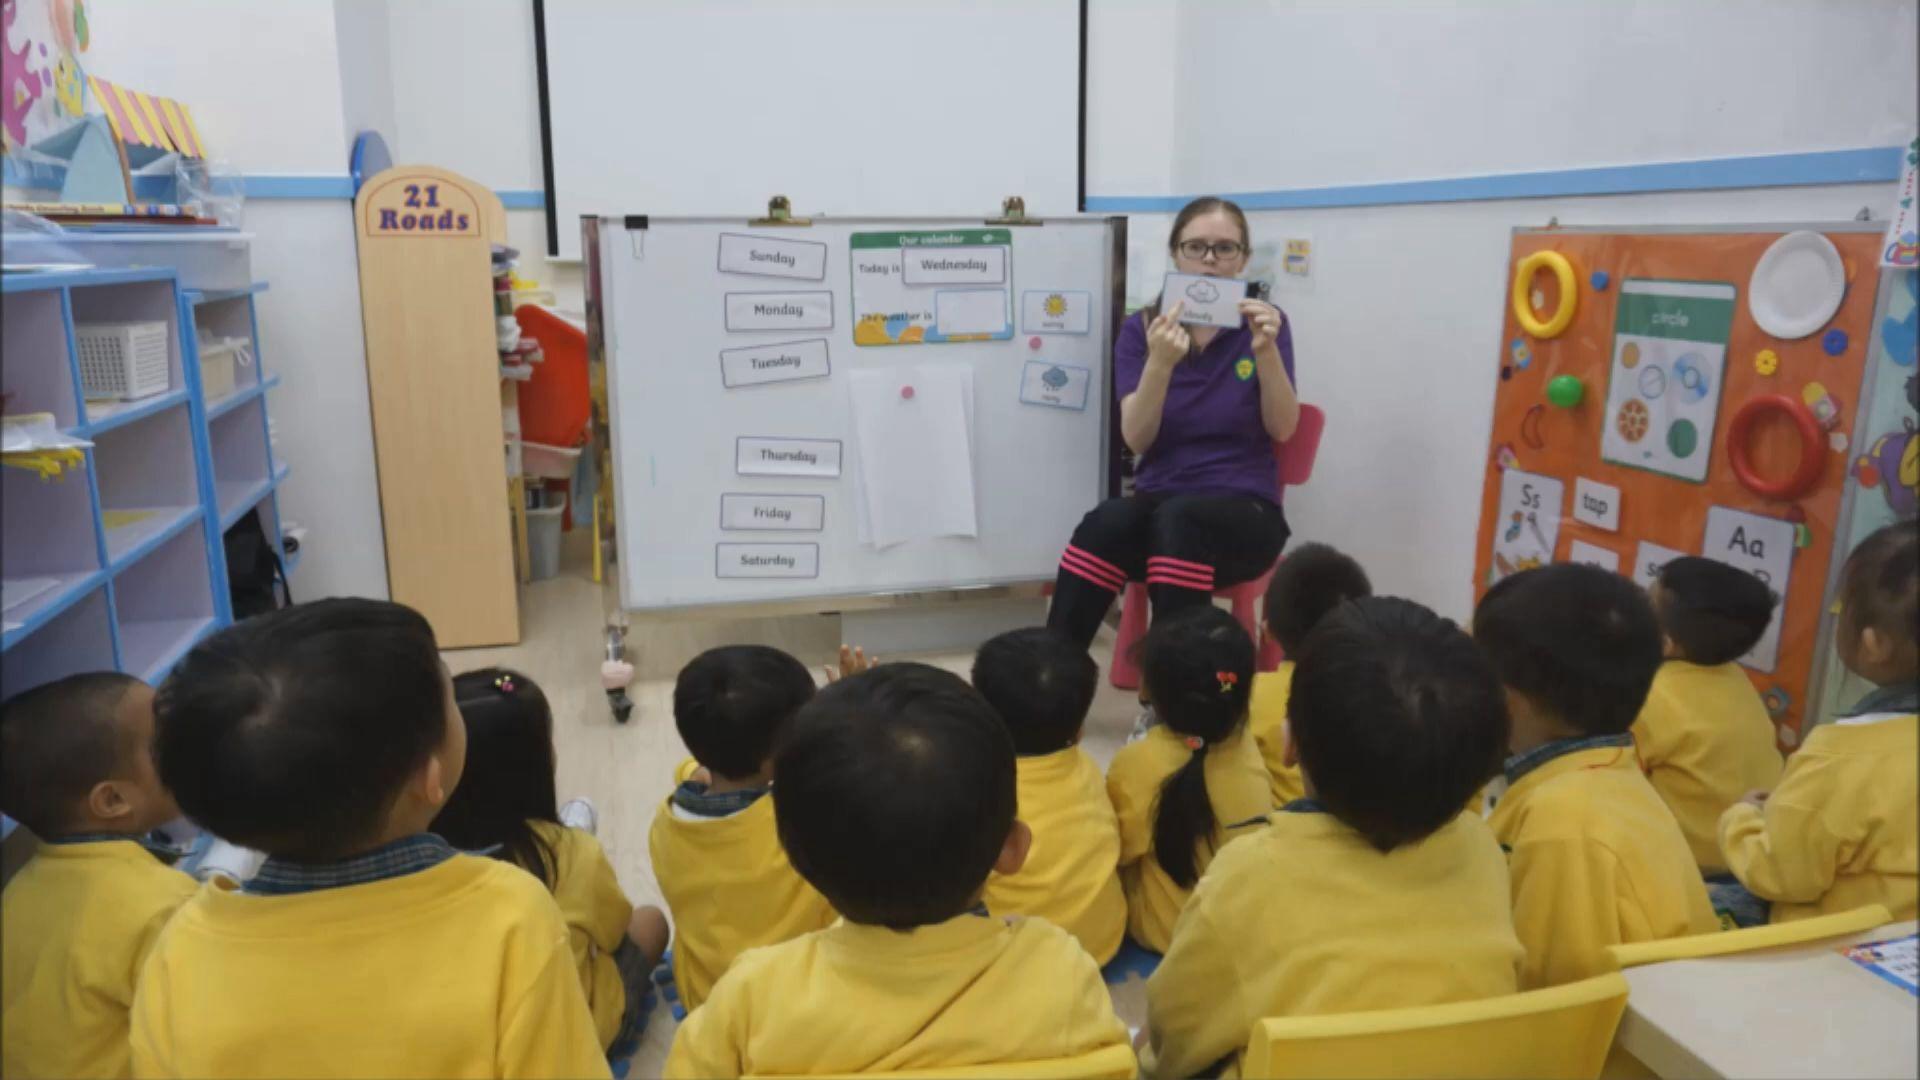 八成學前班學生退學 屯門宏廣幼稚園七月底結業